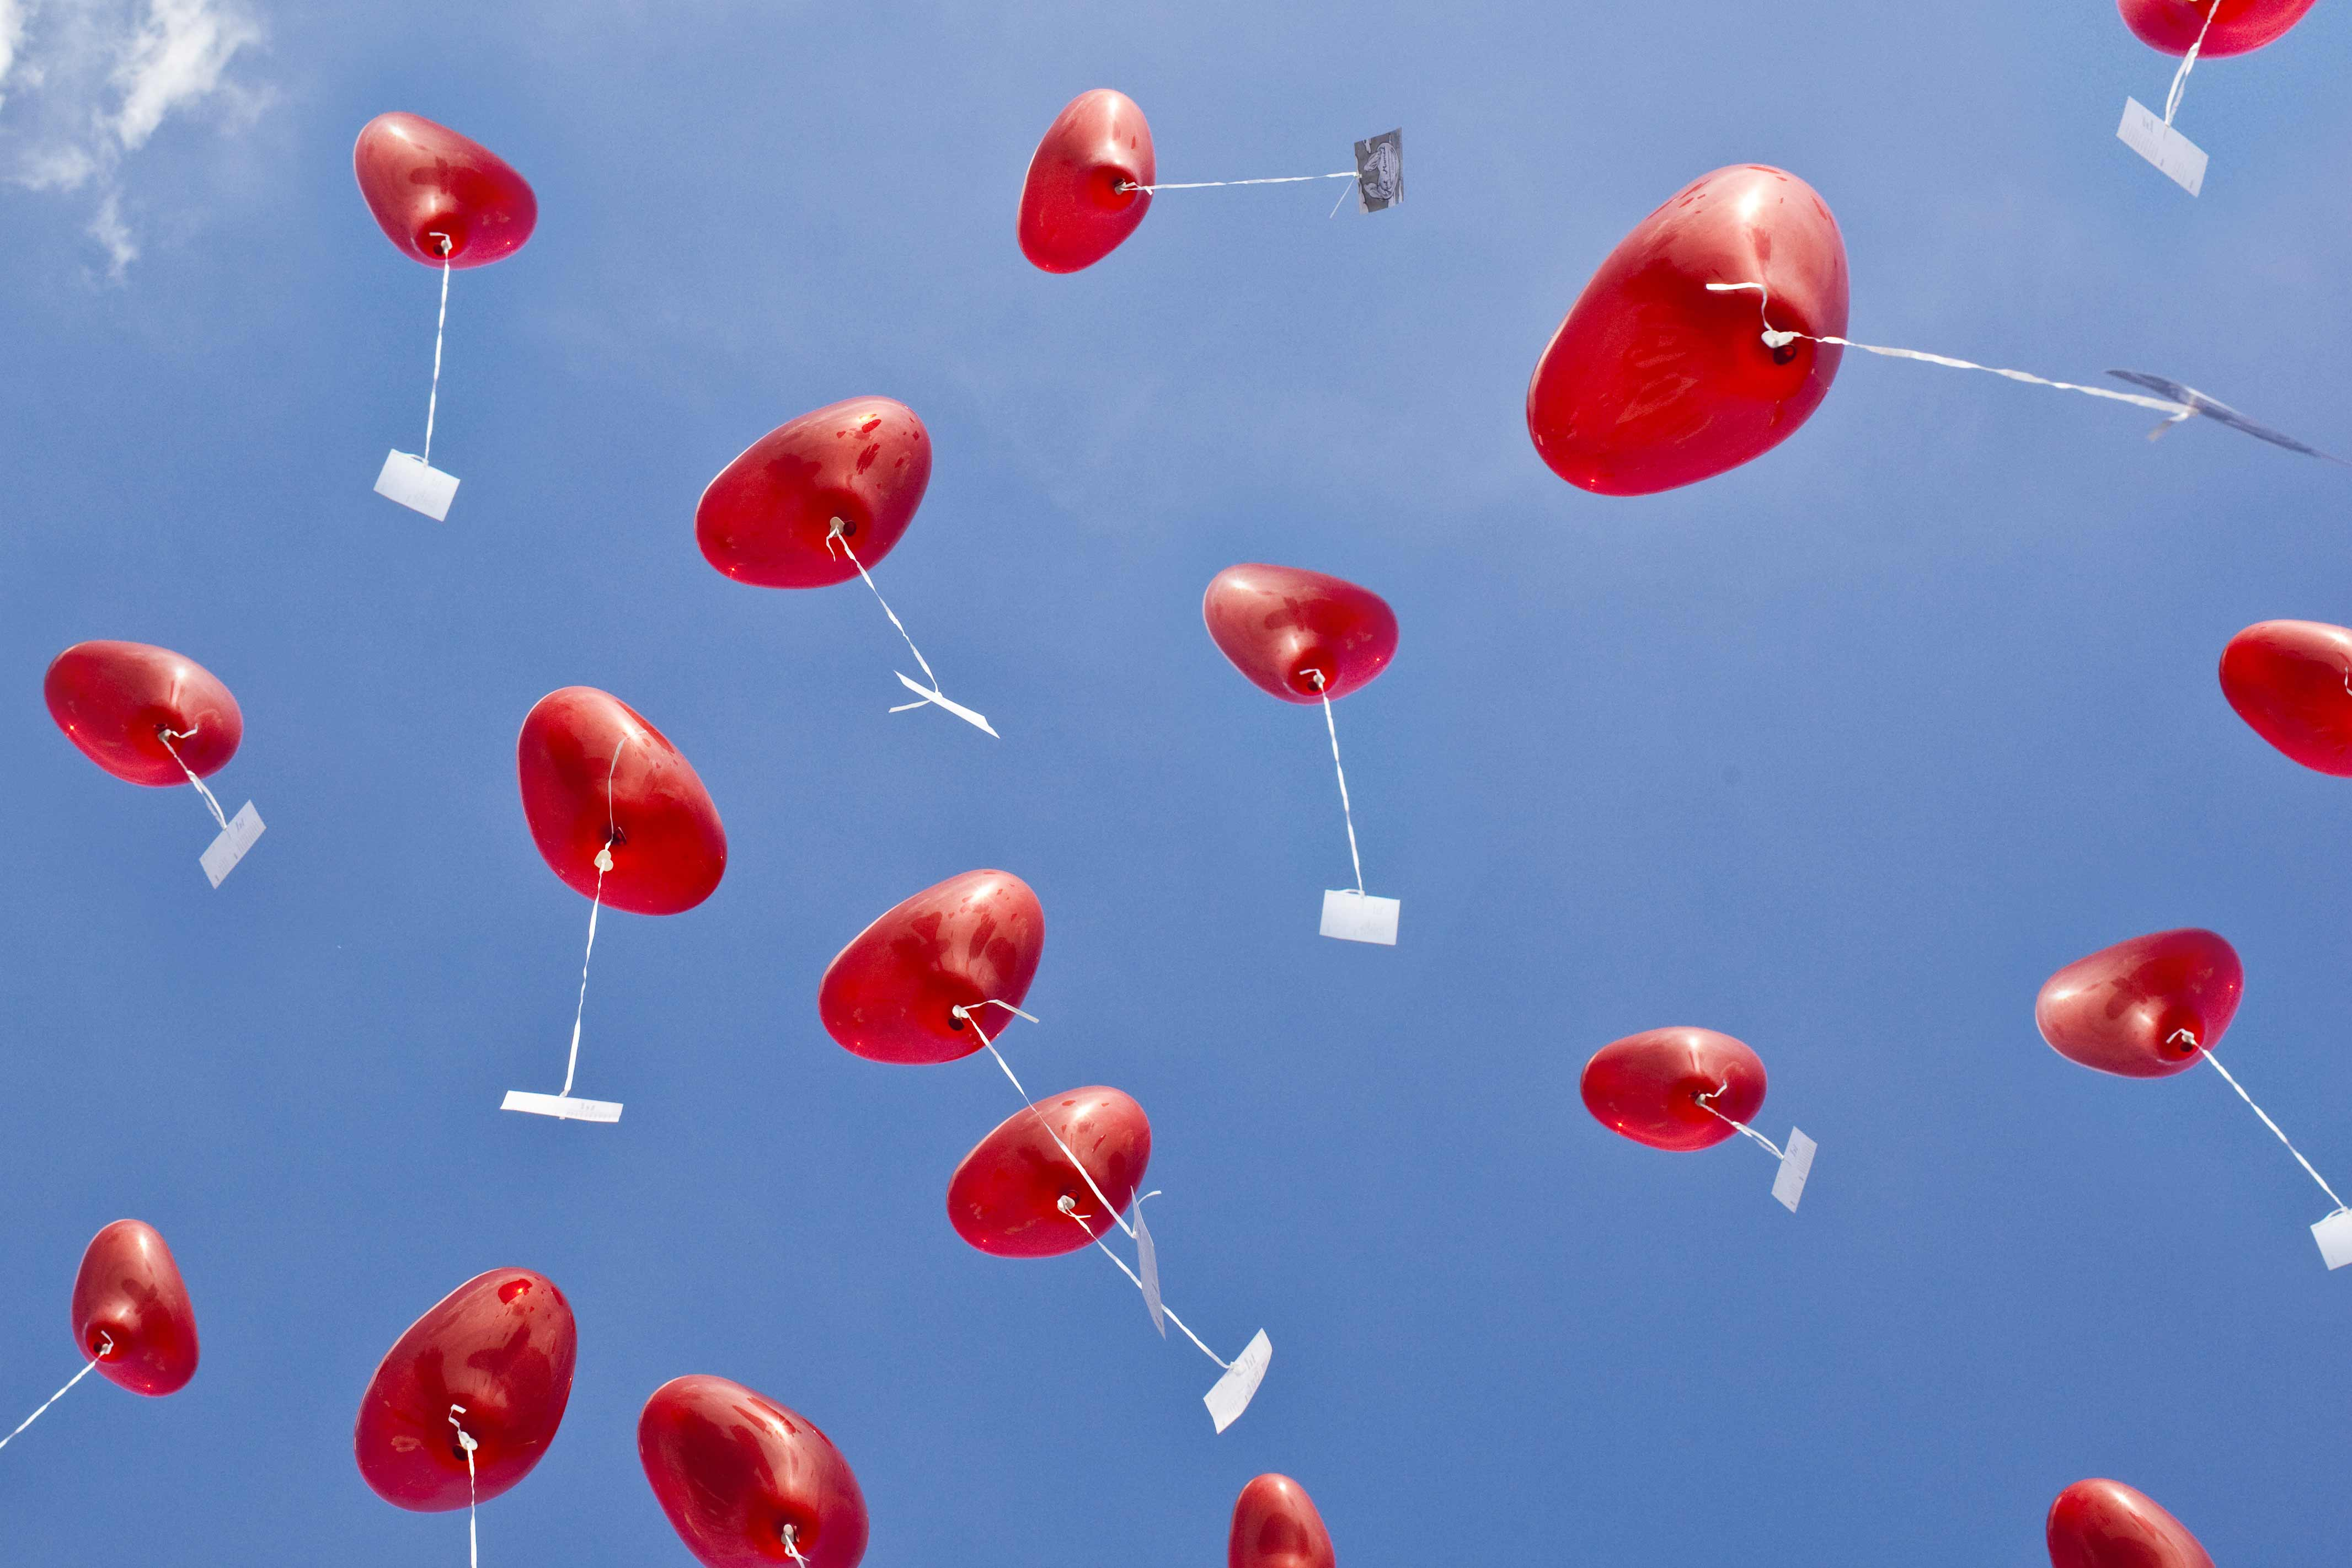 hochzeitsgeschenk herzluftballons mit hochzeitsgr en. Black Bedroom Furniture Sets. Home Design Ideas